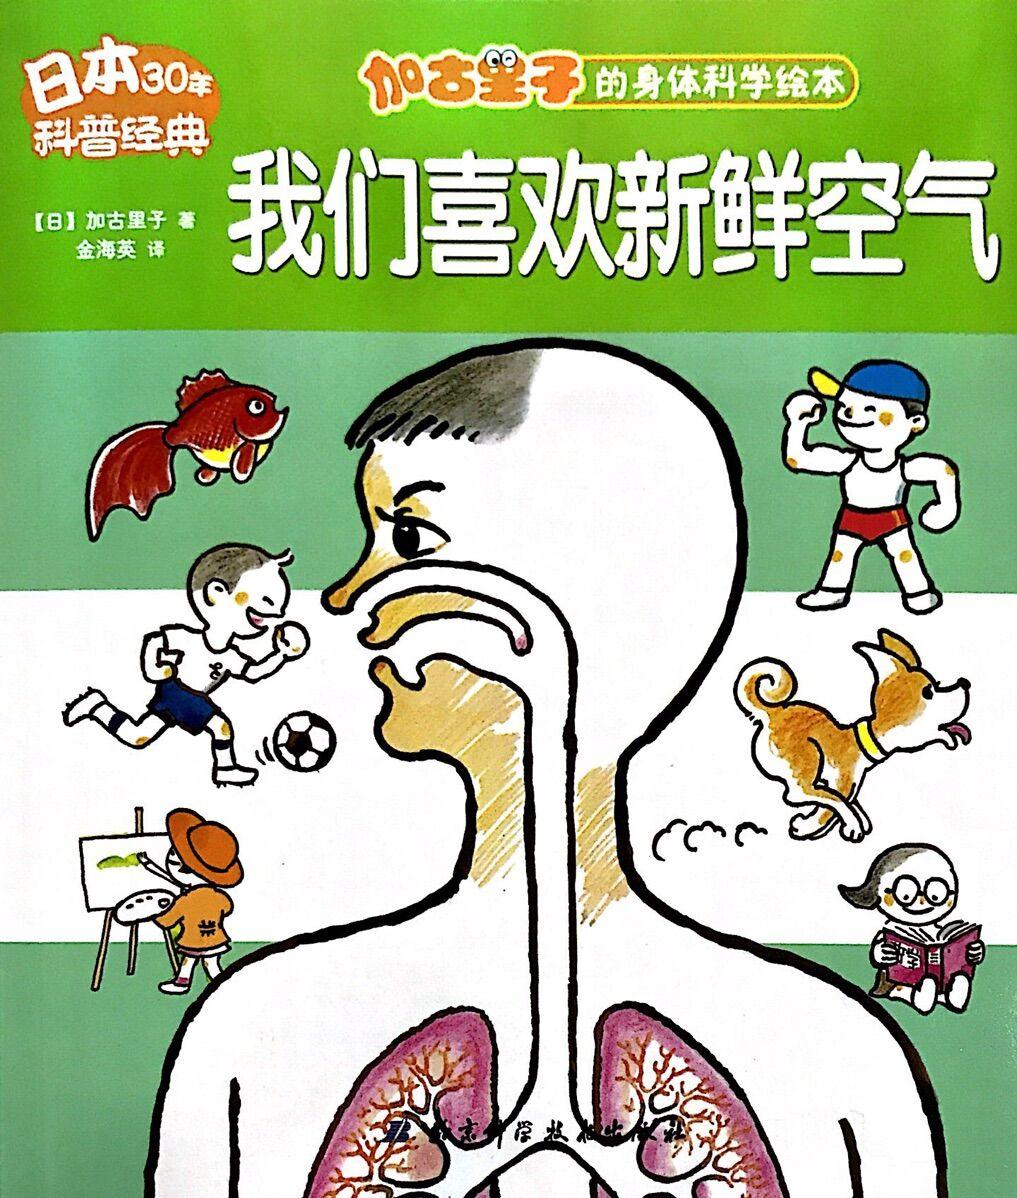 加古里子的身体科学绘本:我们喜欢新鲜空气